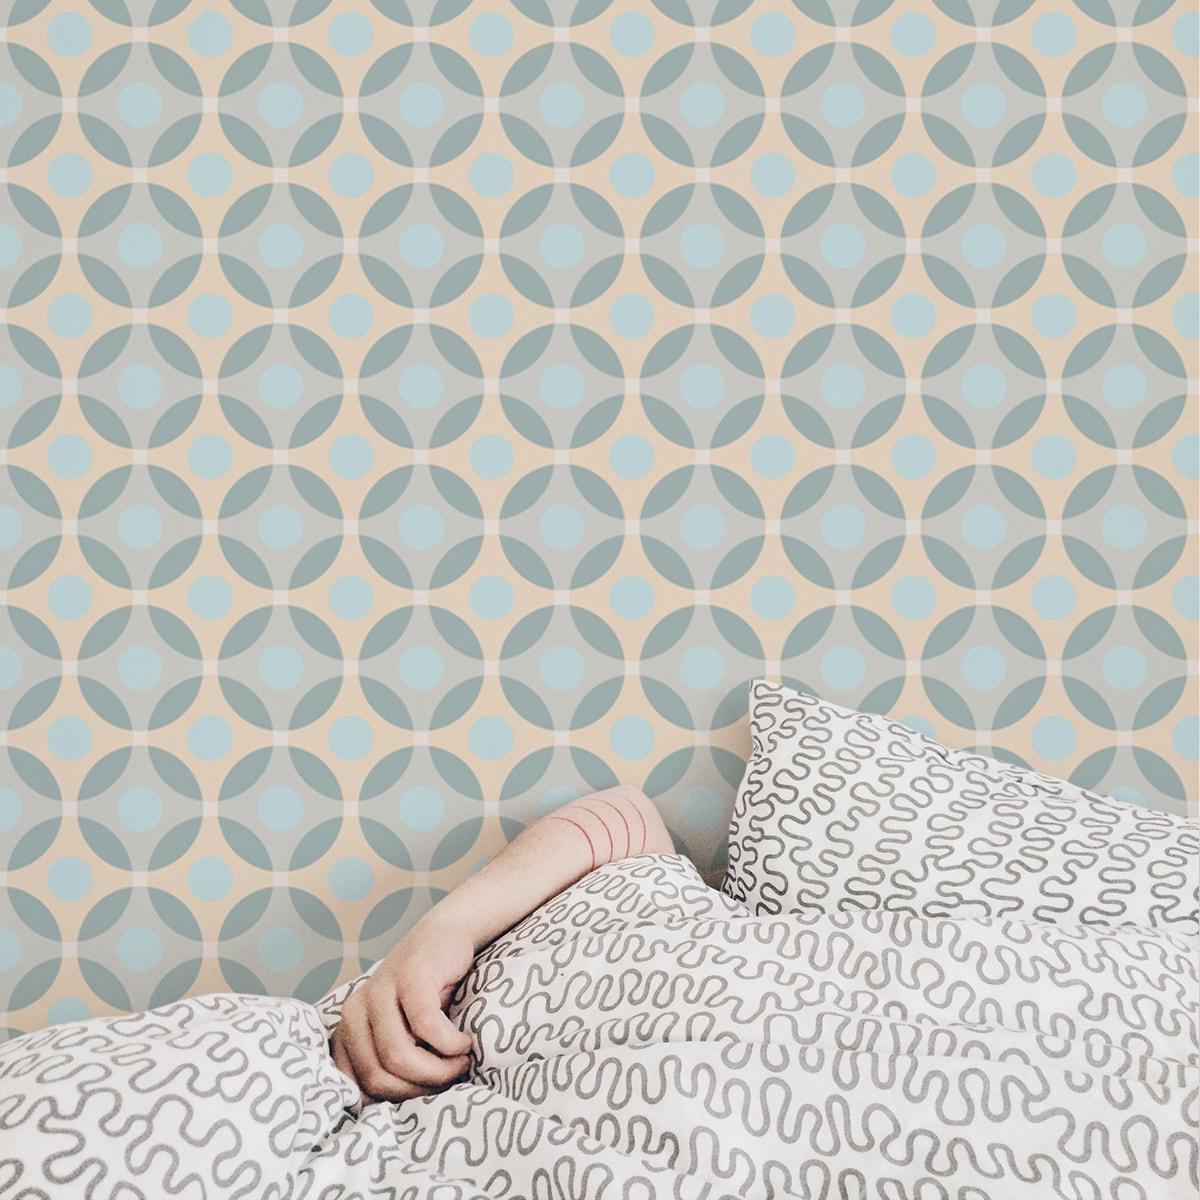 """Wandtapete creme: Moderne """"Flower Dots"""" Design Tapete mit großen Punkten, beige Wandgestaltung"""